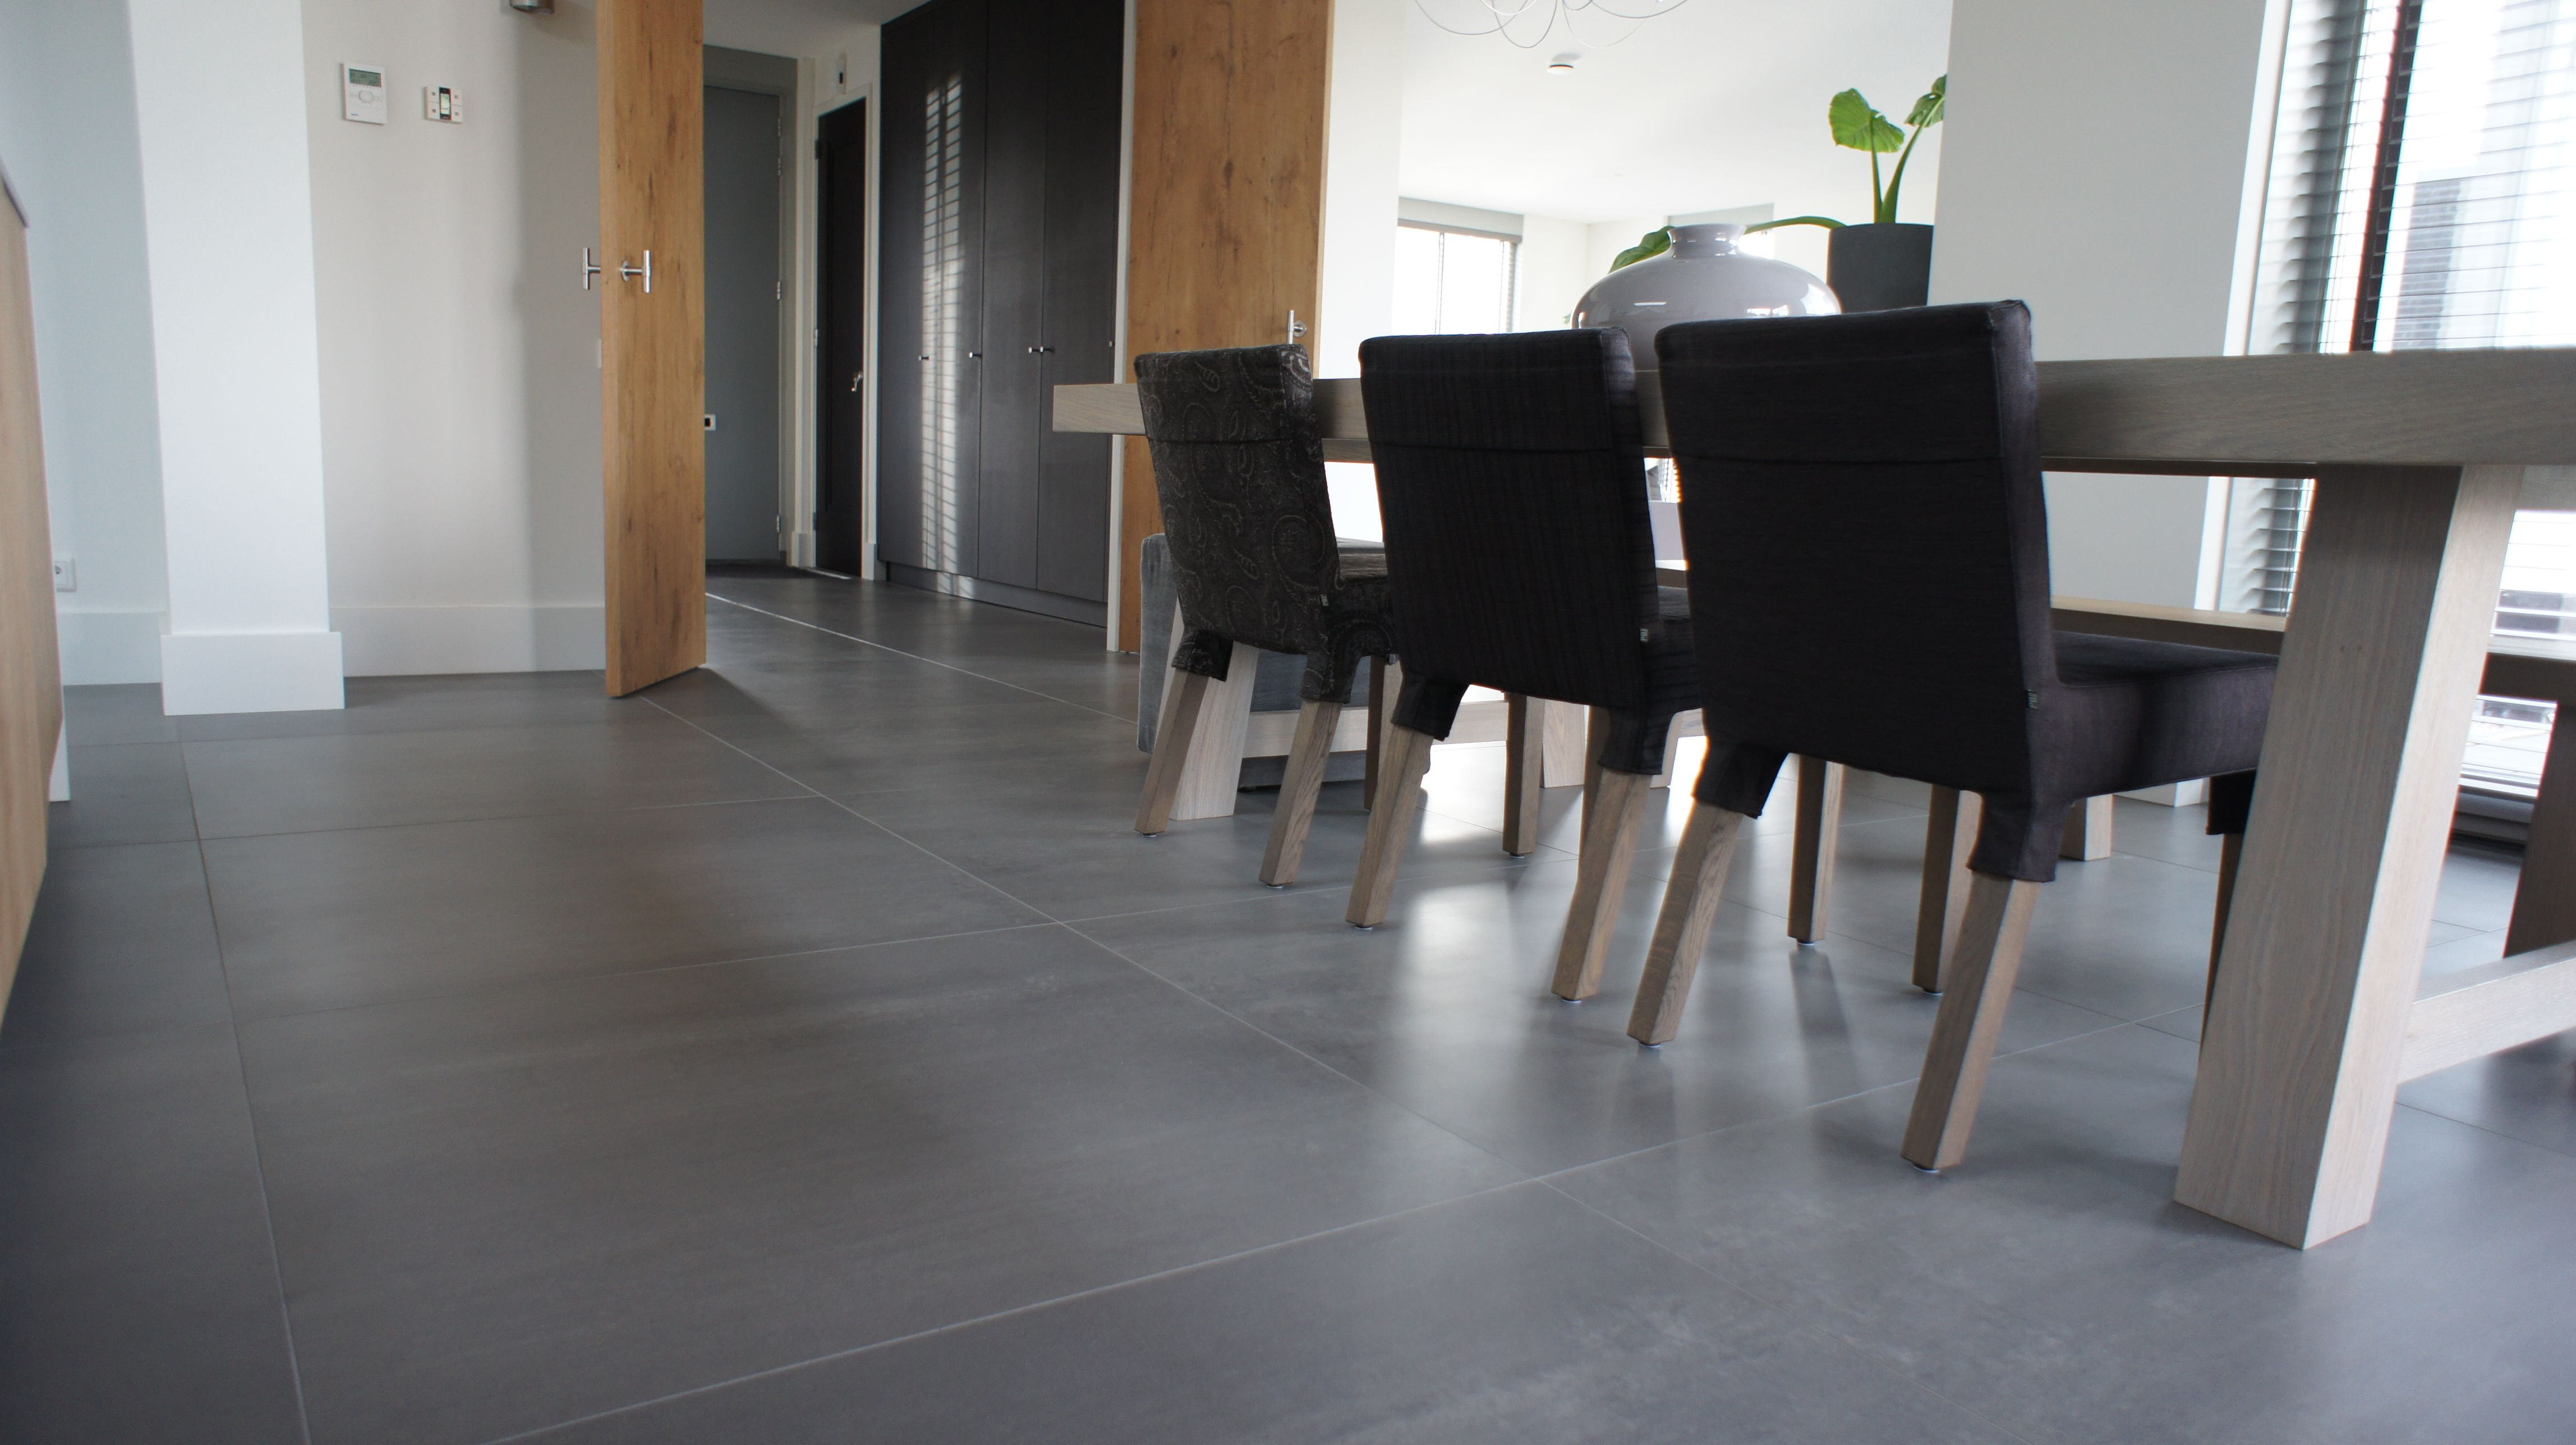 tegelvloer betonlook antraciet 100 x 100 cm idee n. Black Bedroom Furniture Sets. Home Design Ideas